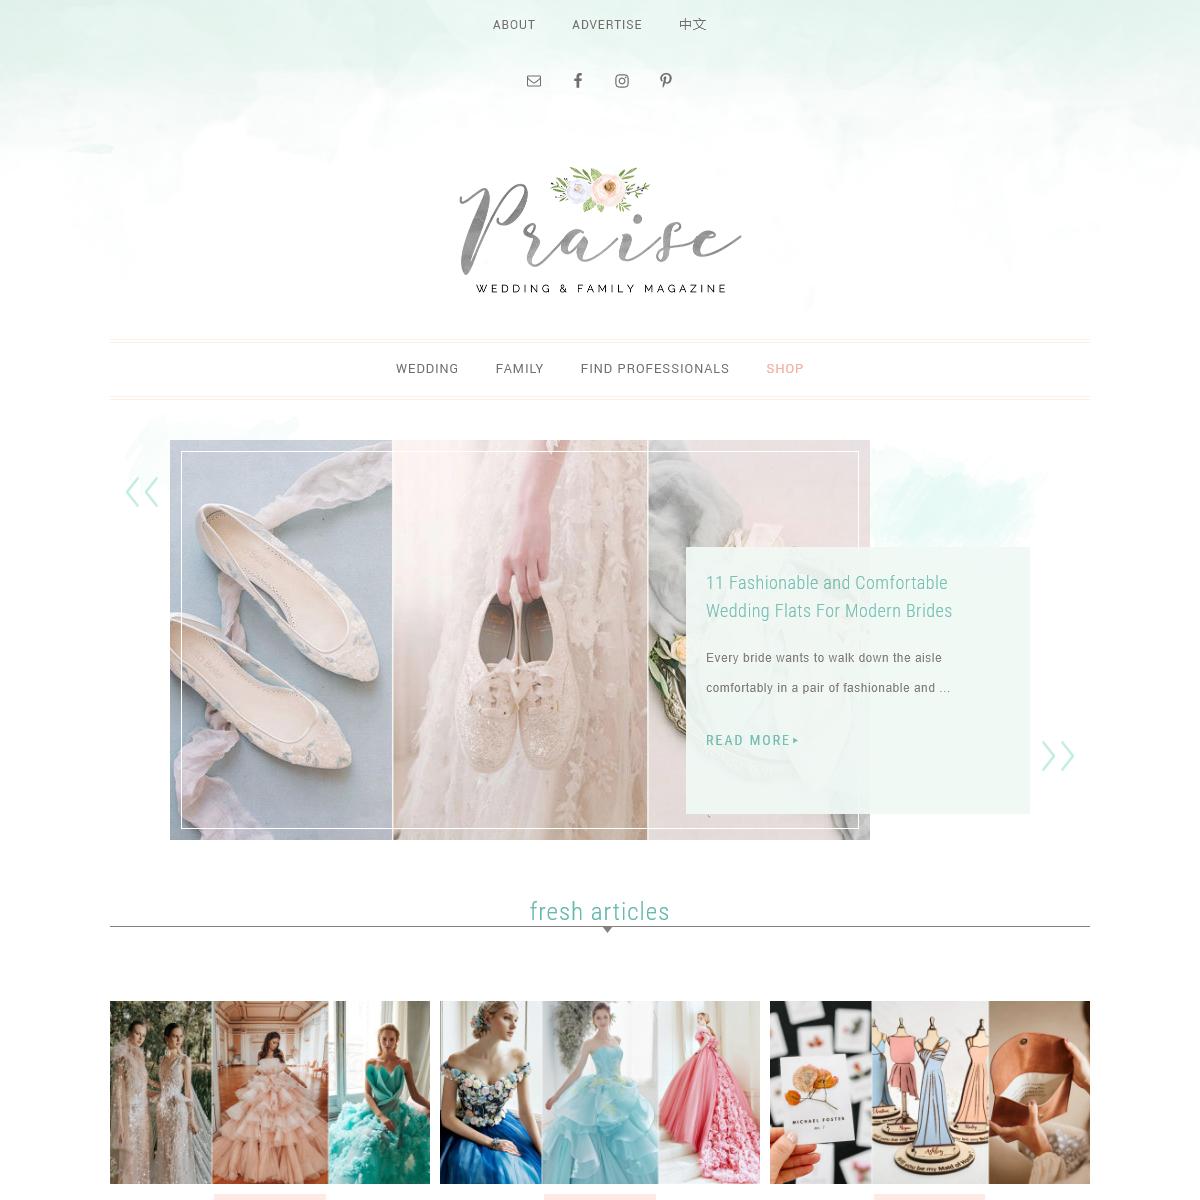 Praise Wedding - International Wedding and Family Online Magazine - Wedding Ideas, Wedding Dresses, Wedding Vendors, Wedding Pho